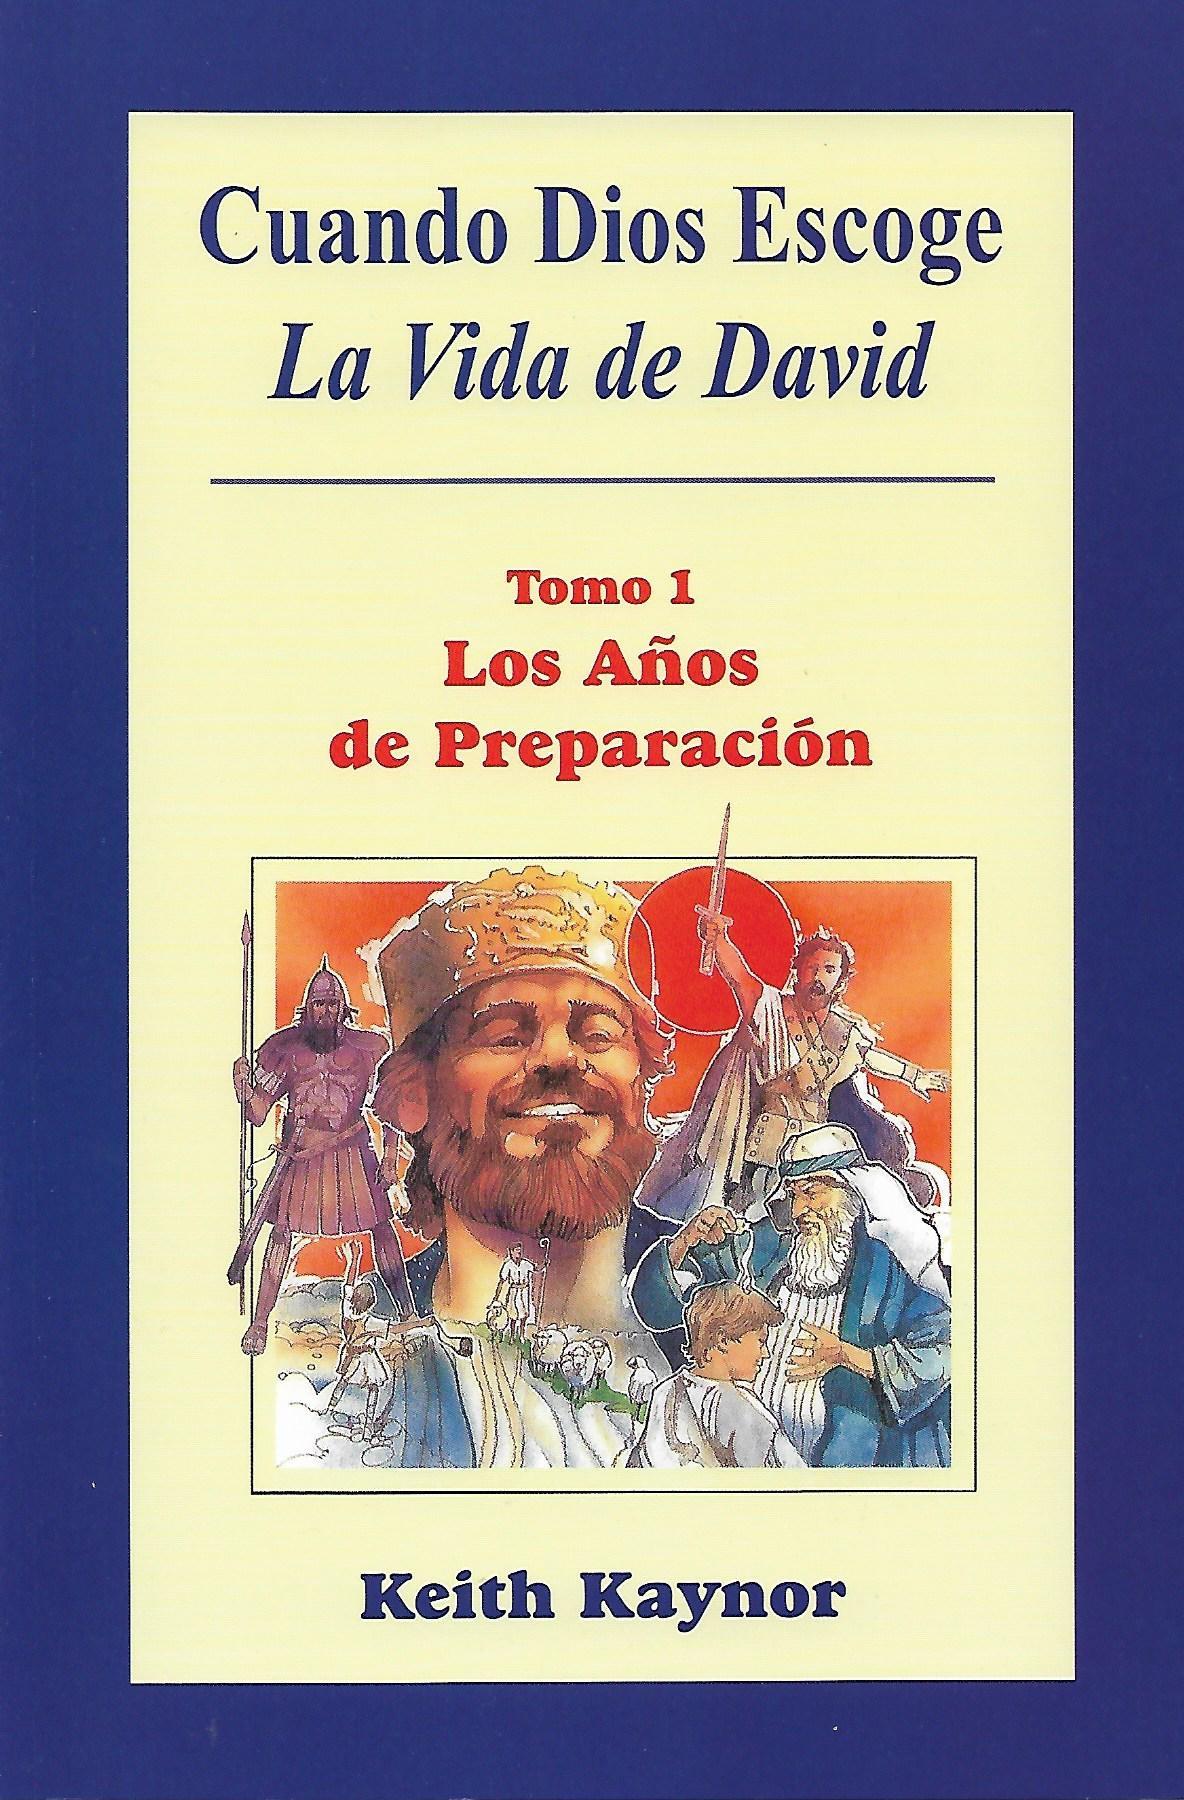 Cuando Dios escoge: La vida de David